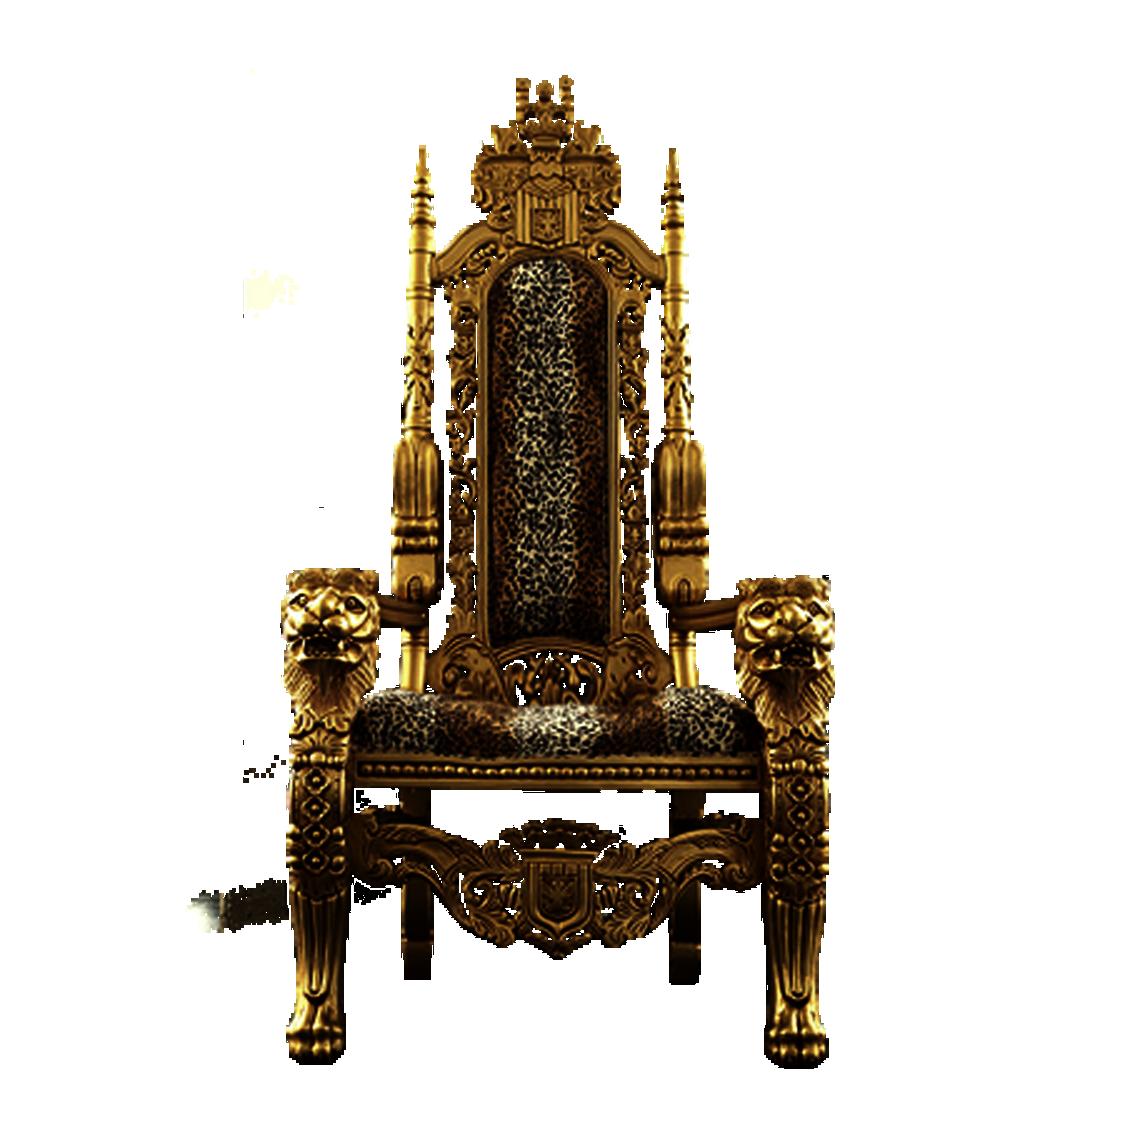 этого королевский трон гифка днем